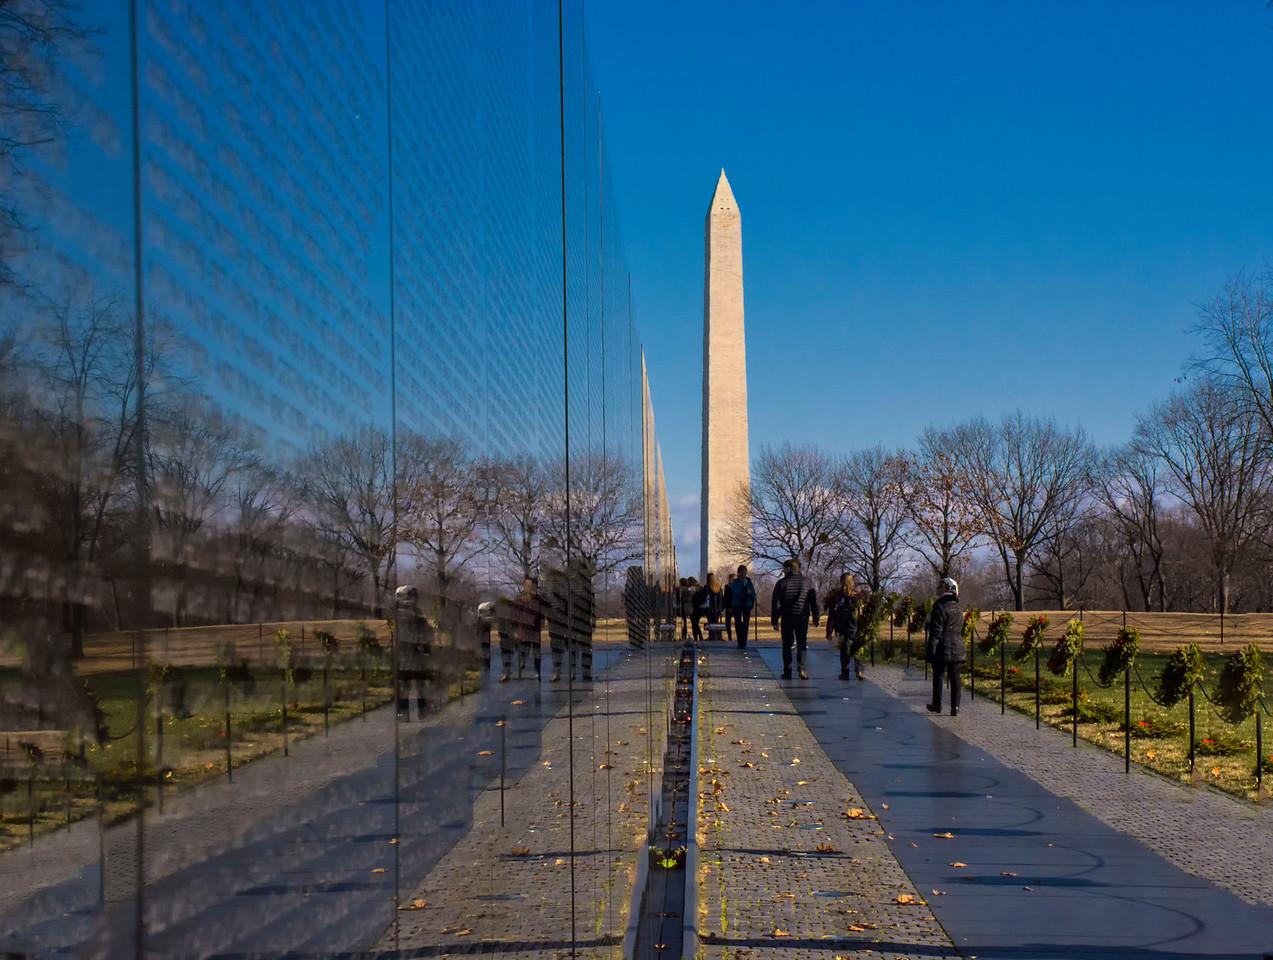 The Vietnam Memorial in Washington D.C.